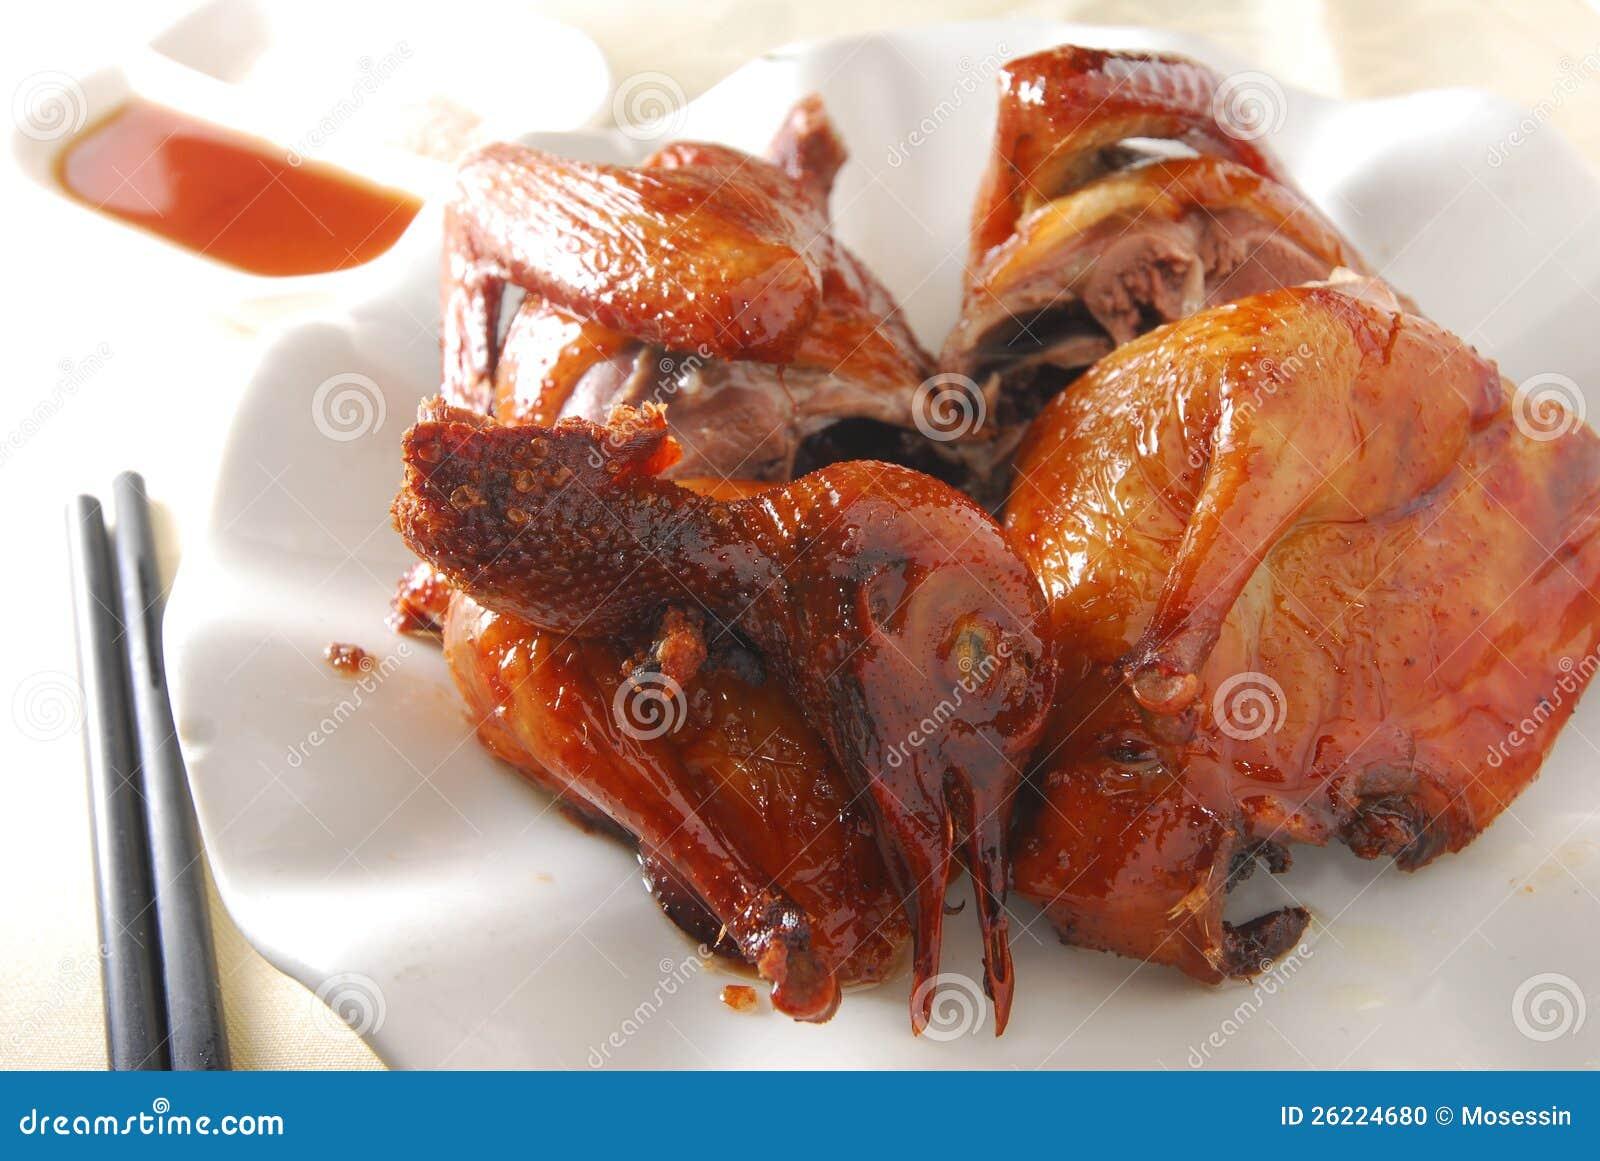 Baby pigeon stock photo. Image of chinese, baby, dish ...